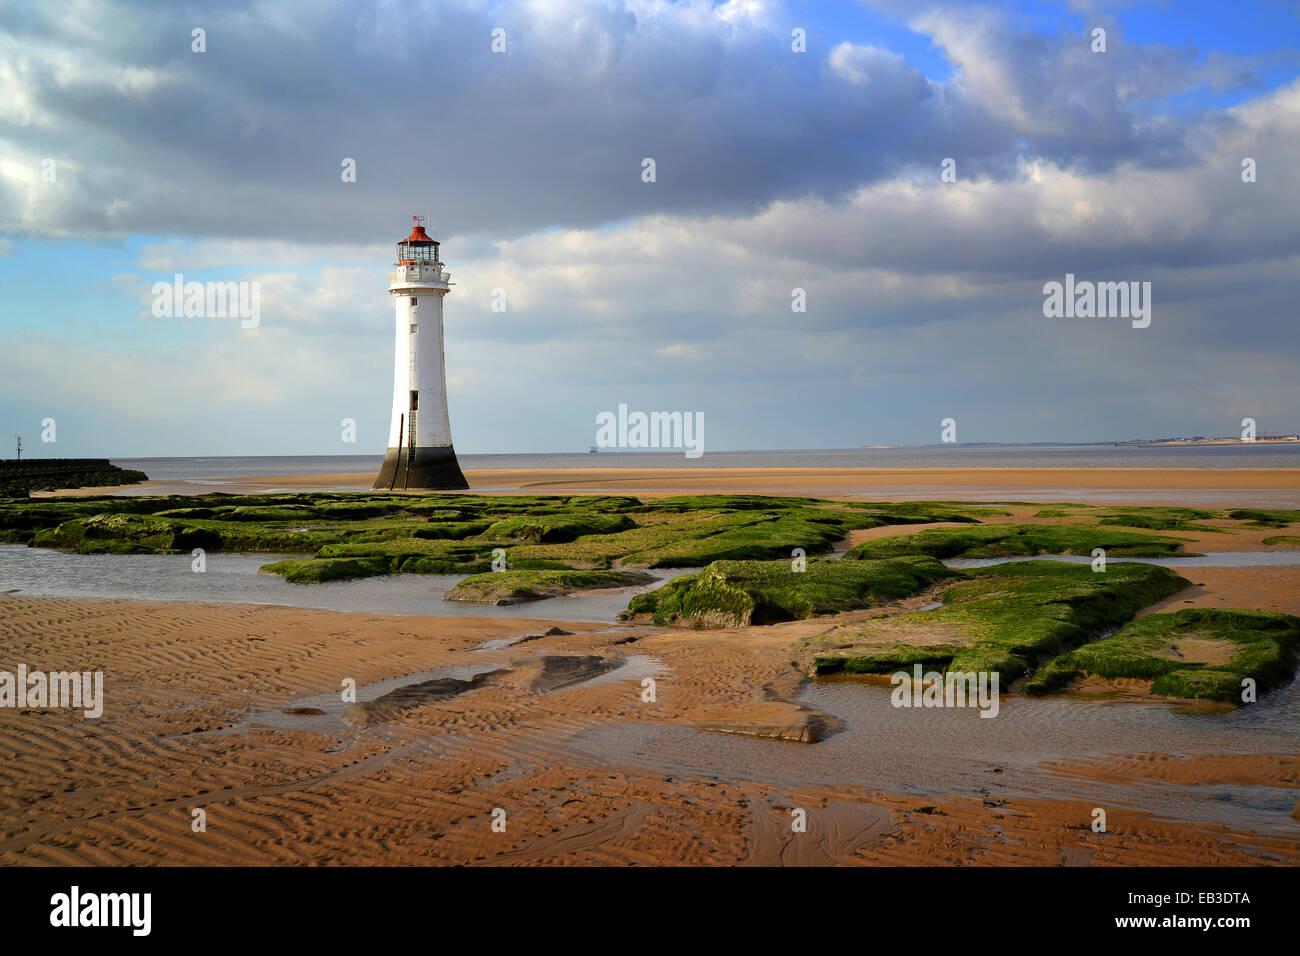 UK, England, Merseyside, Wirral, Newbrighton, Lighthouse on shore - Stock Image